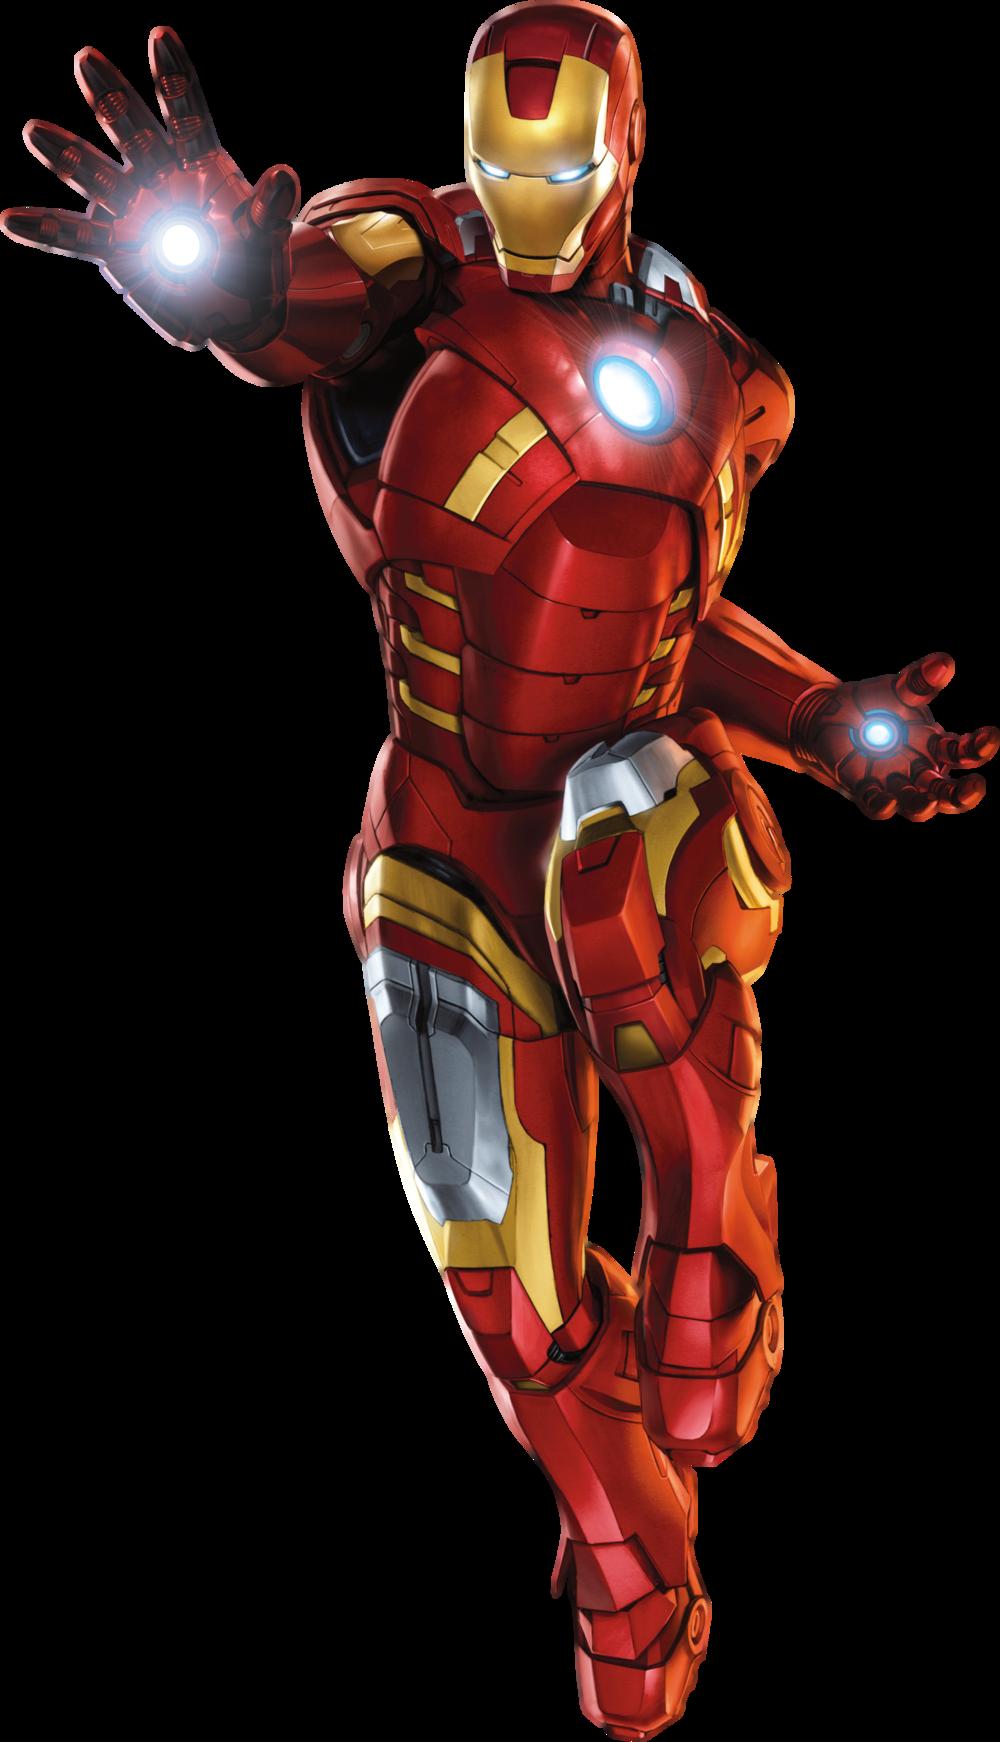 Iron Man/Gallery | Iron Man Printables | Iron man 3, Iron